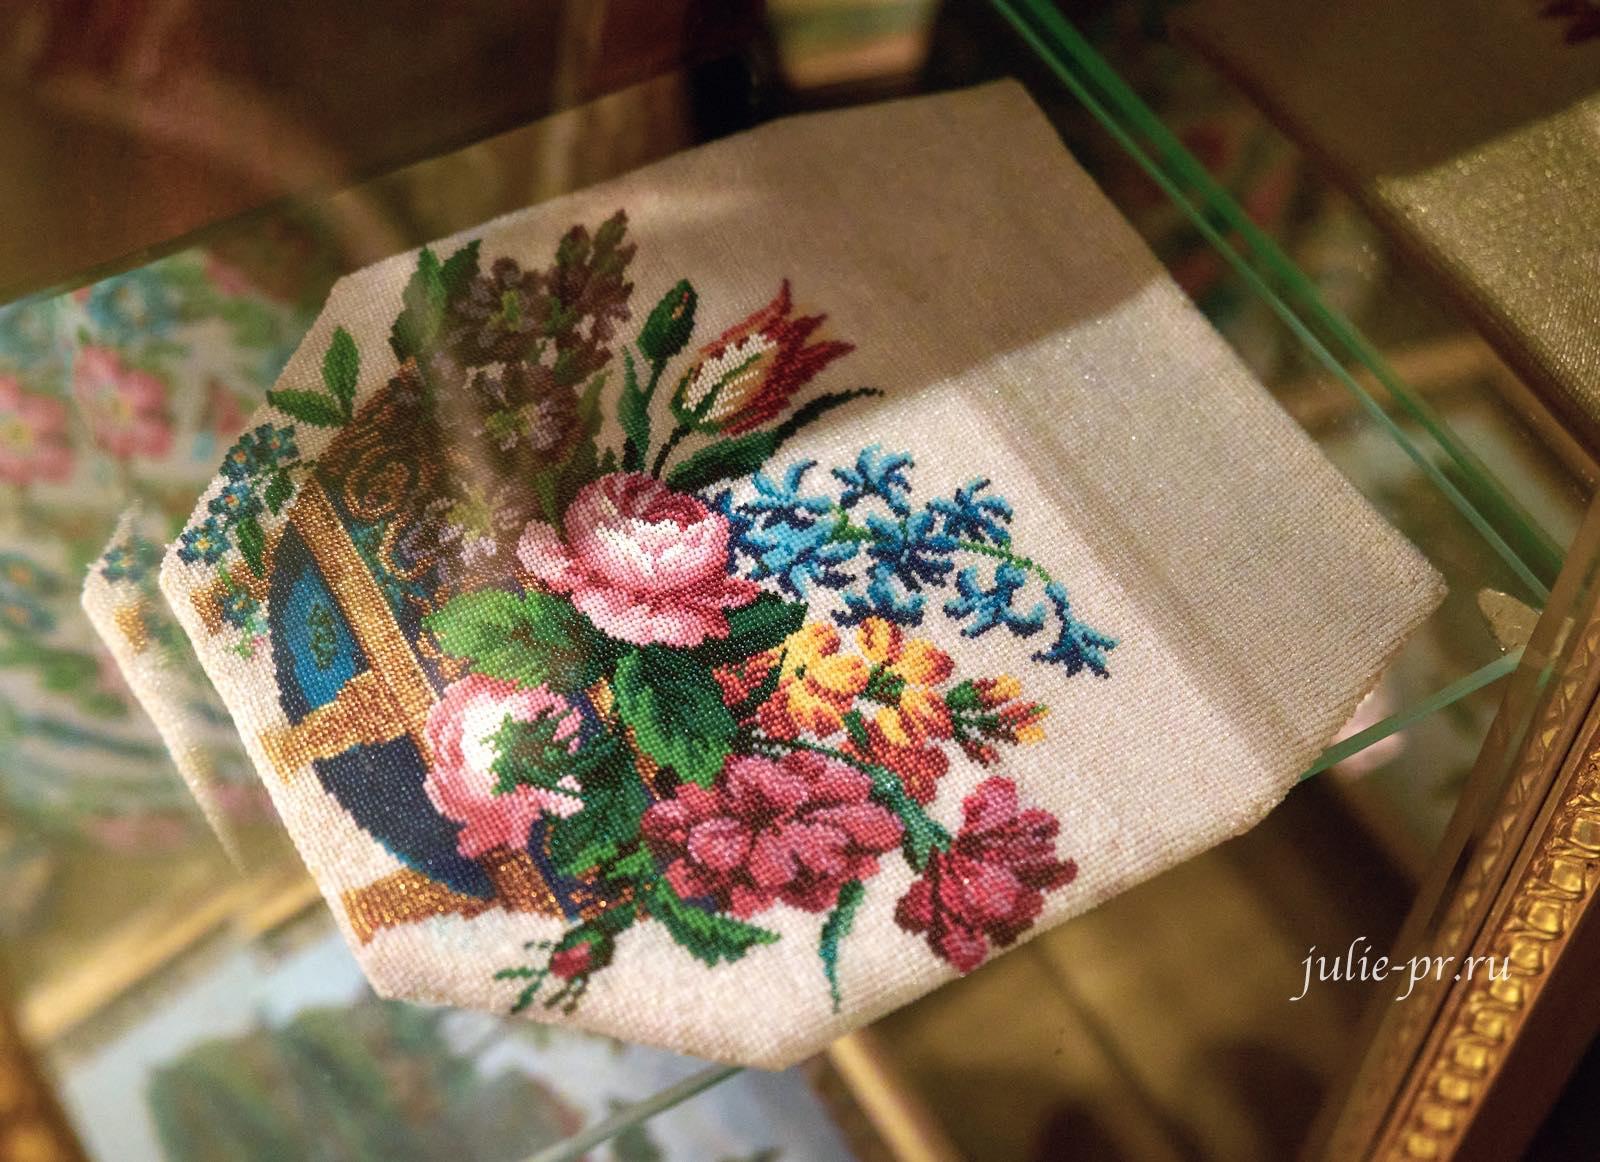 Лицевая сторона дамской сумочки, 1830-е гг, Россия, вышивка бисером, выставка Старинные вышивки